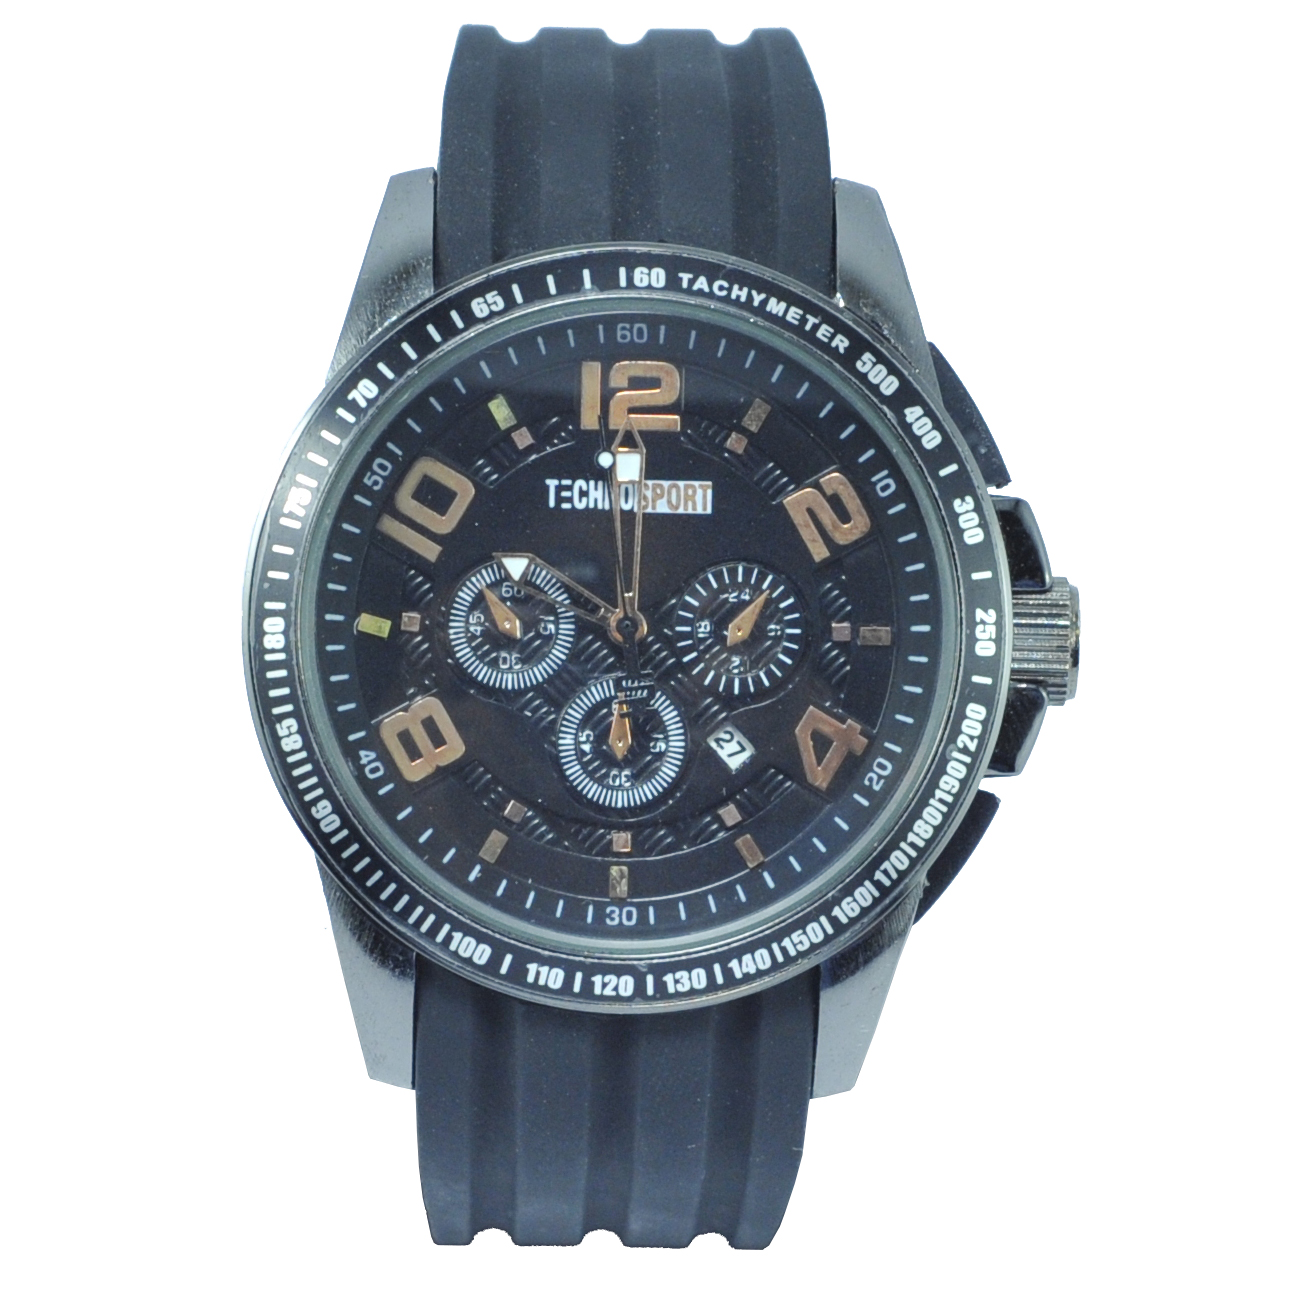 ساعت مچی عقربه ای تکنو اسپورت مدل Bl410